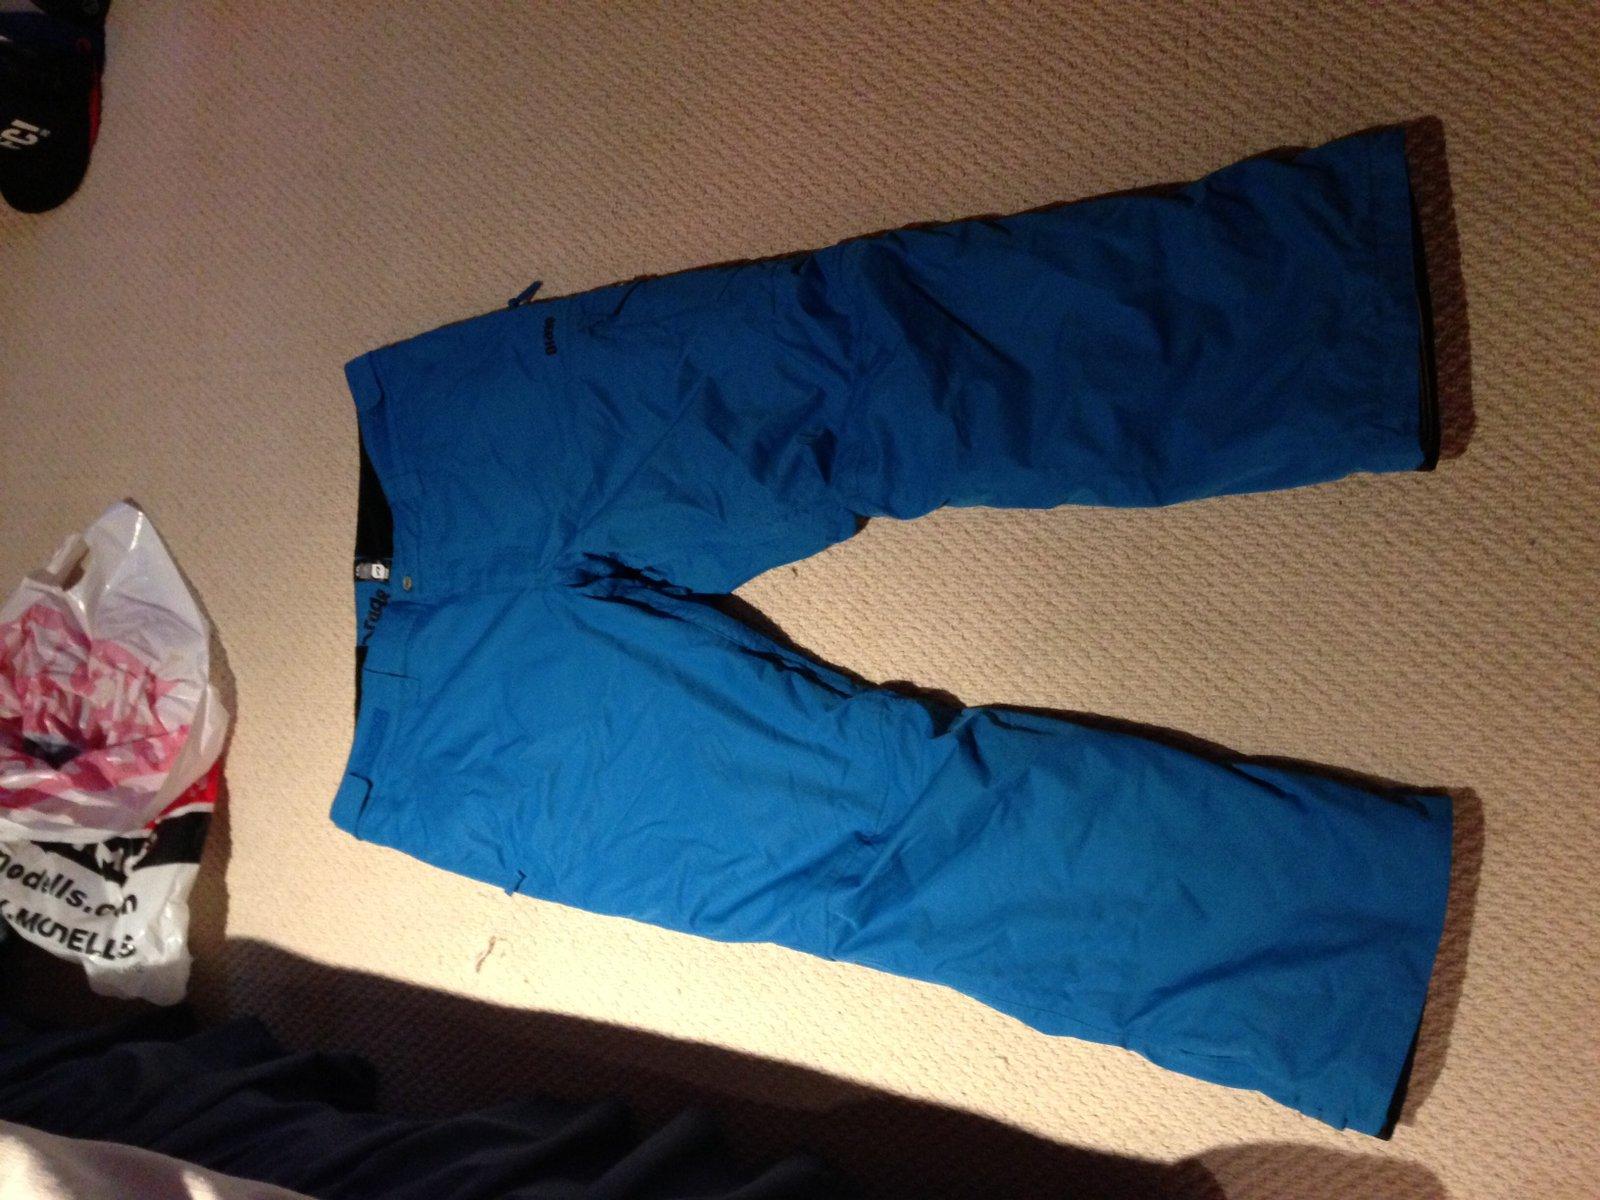 xxl Orage pants